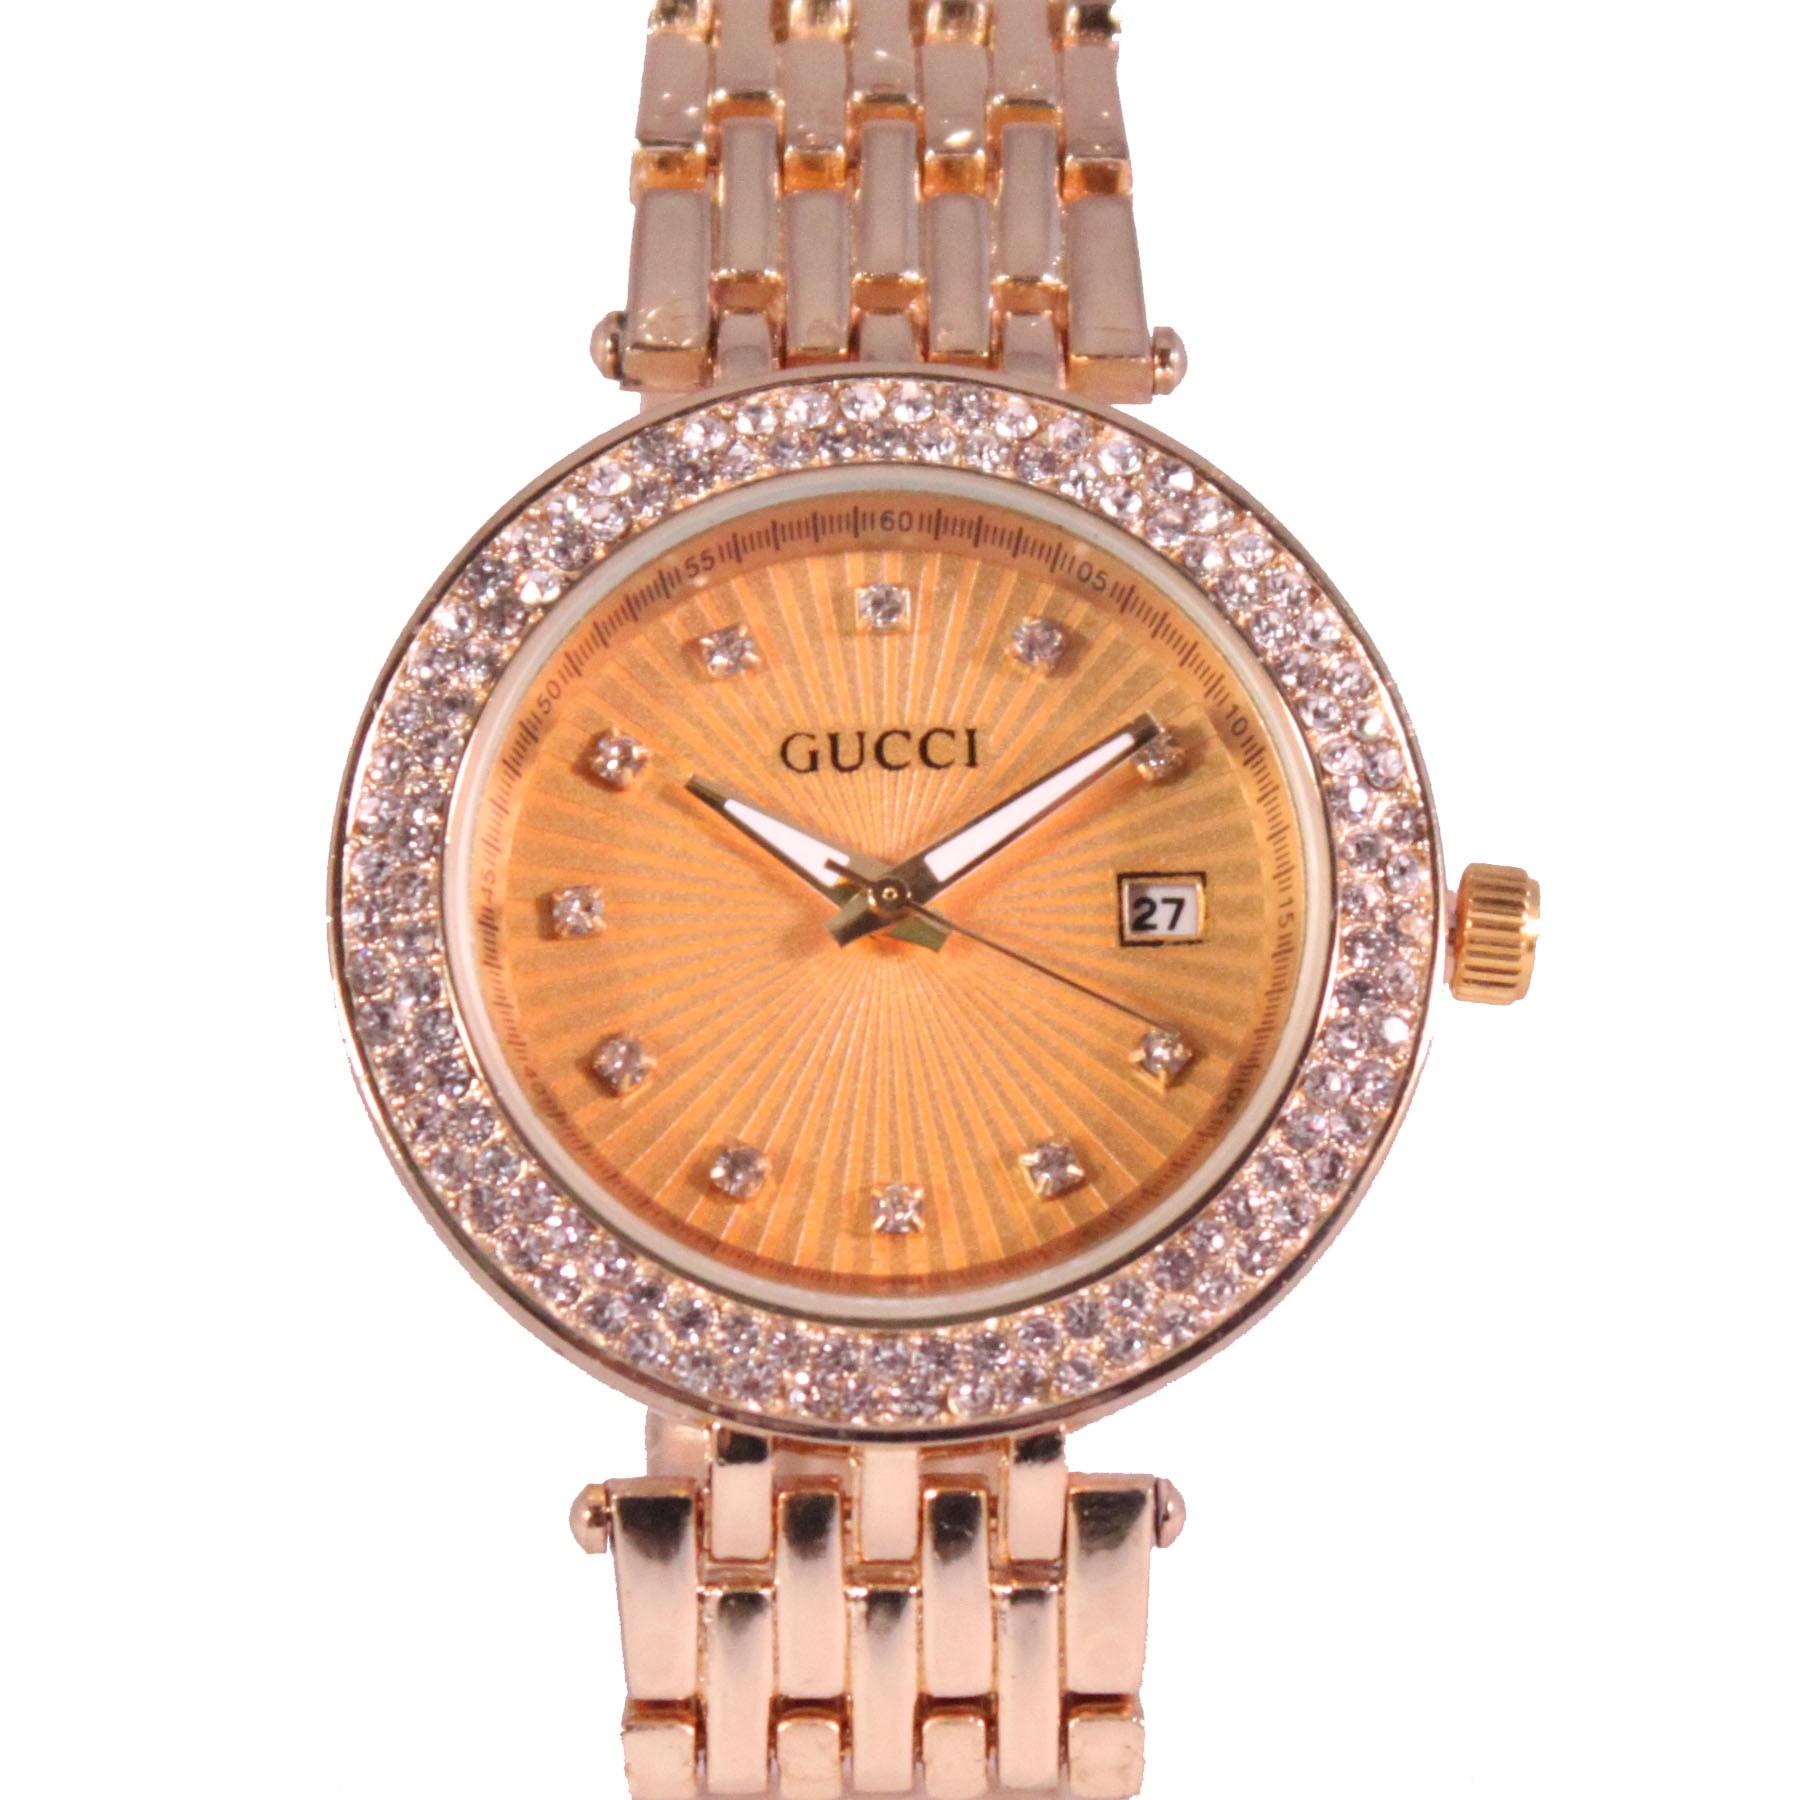 Наручные часы Gucci Gold (Артикул 115)